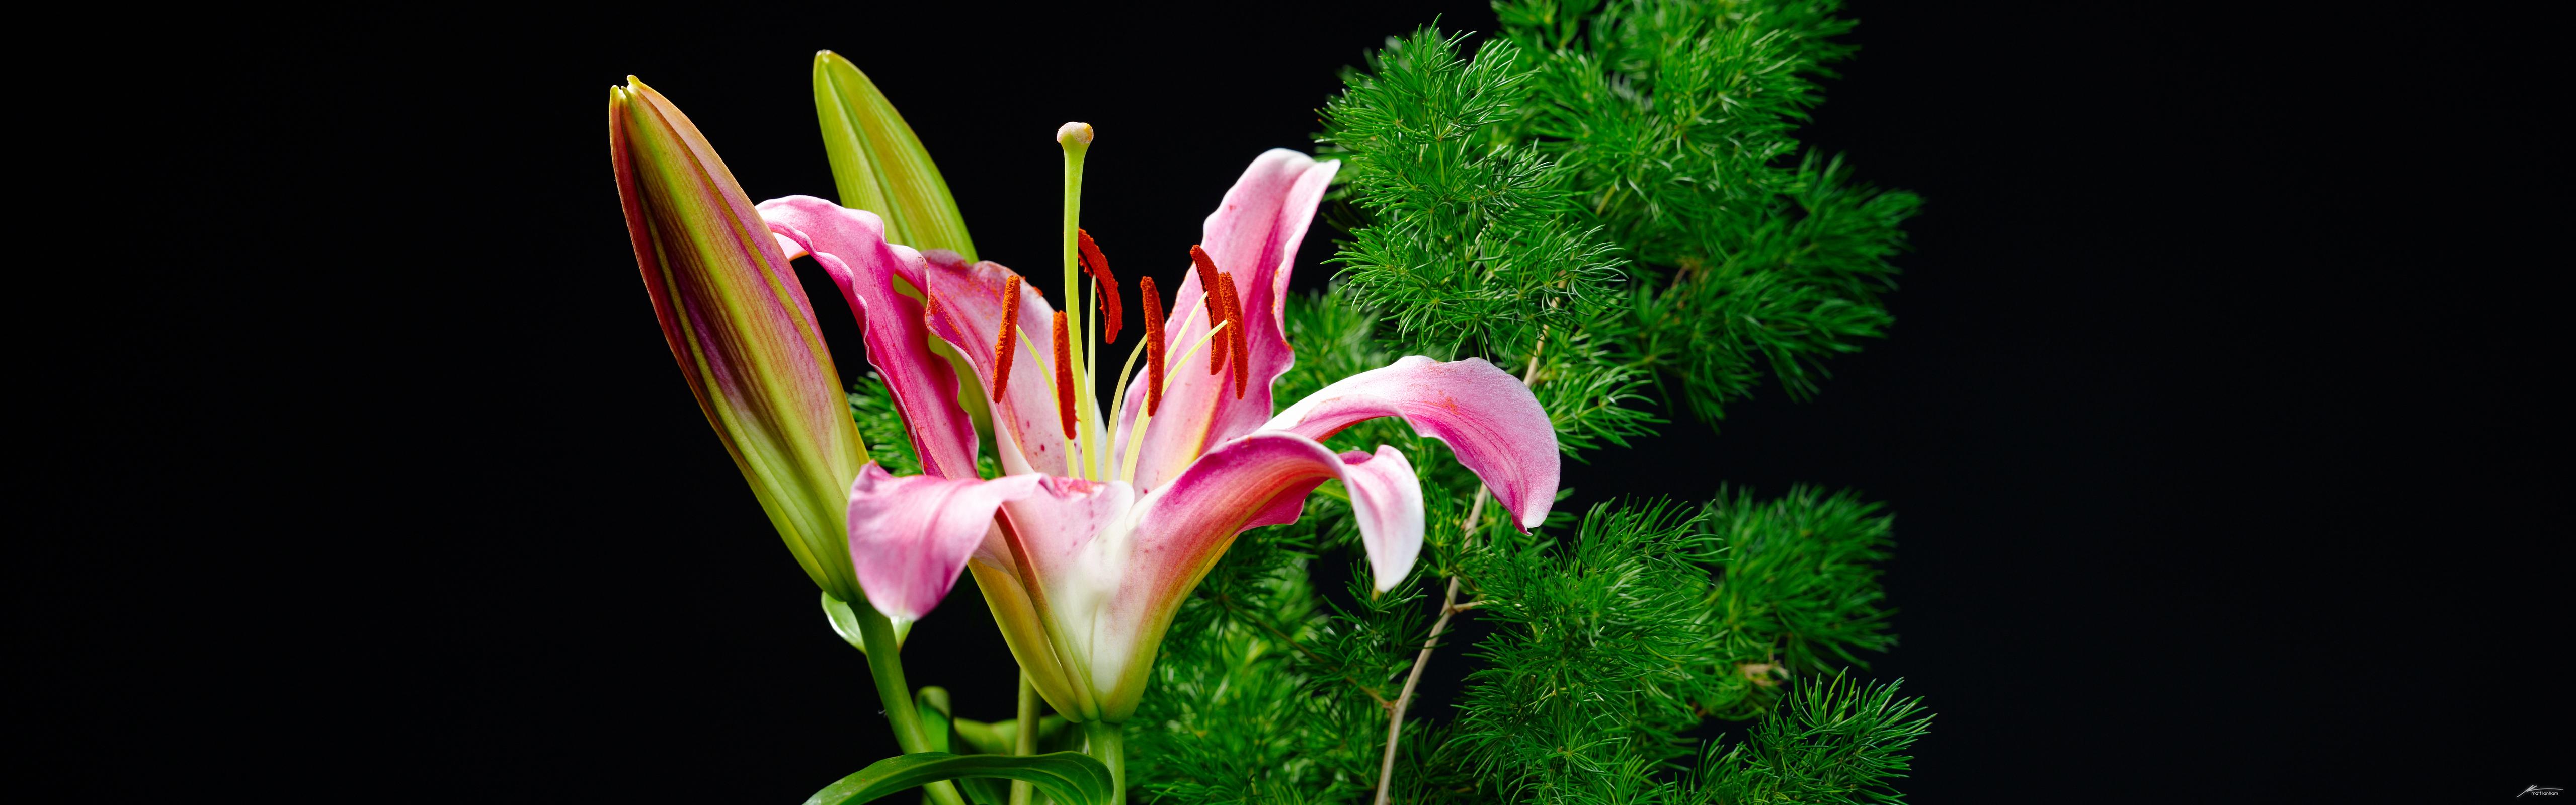 http://fc06.deviantart.net/fs38/f/2008/320/4/c/Orchid__Dual_Screen_by_MattLanham.jpg